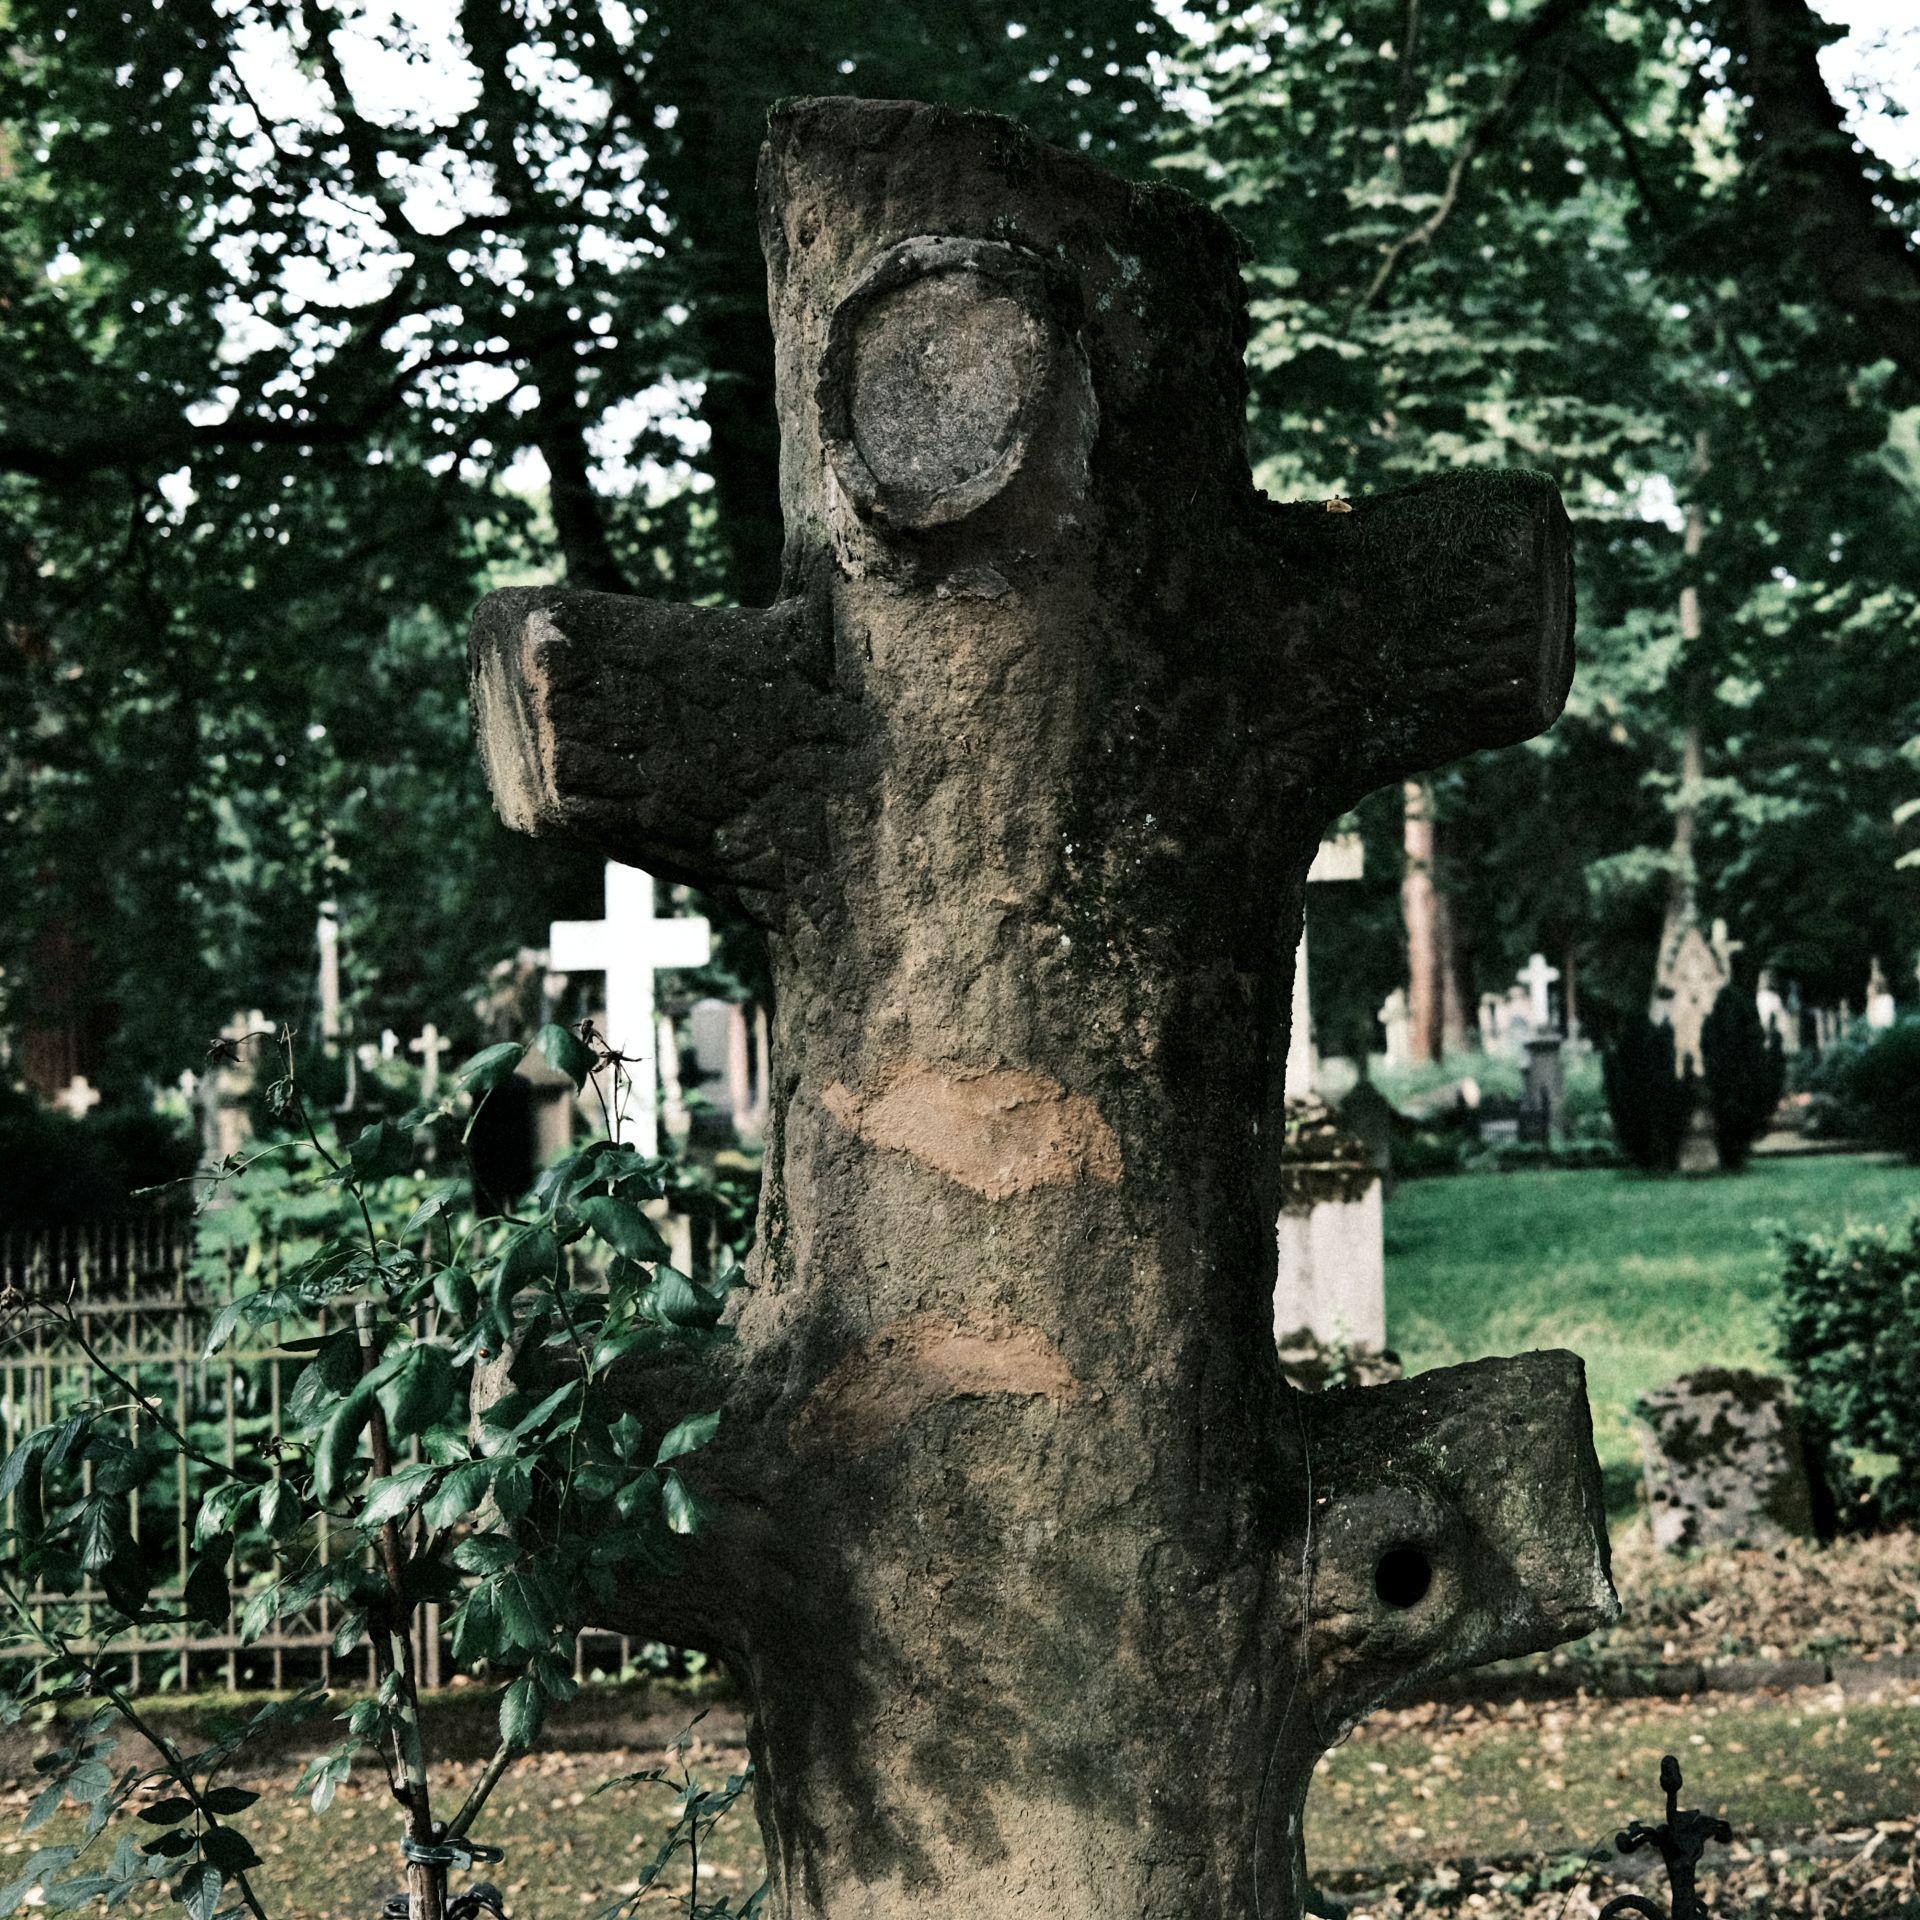 Alter Friedhof f/2.8 1/105sec ISO-160 23mm